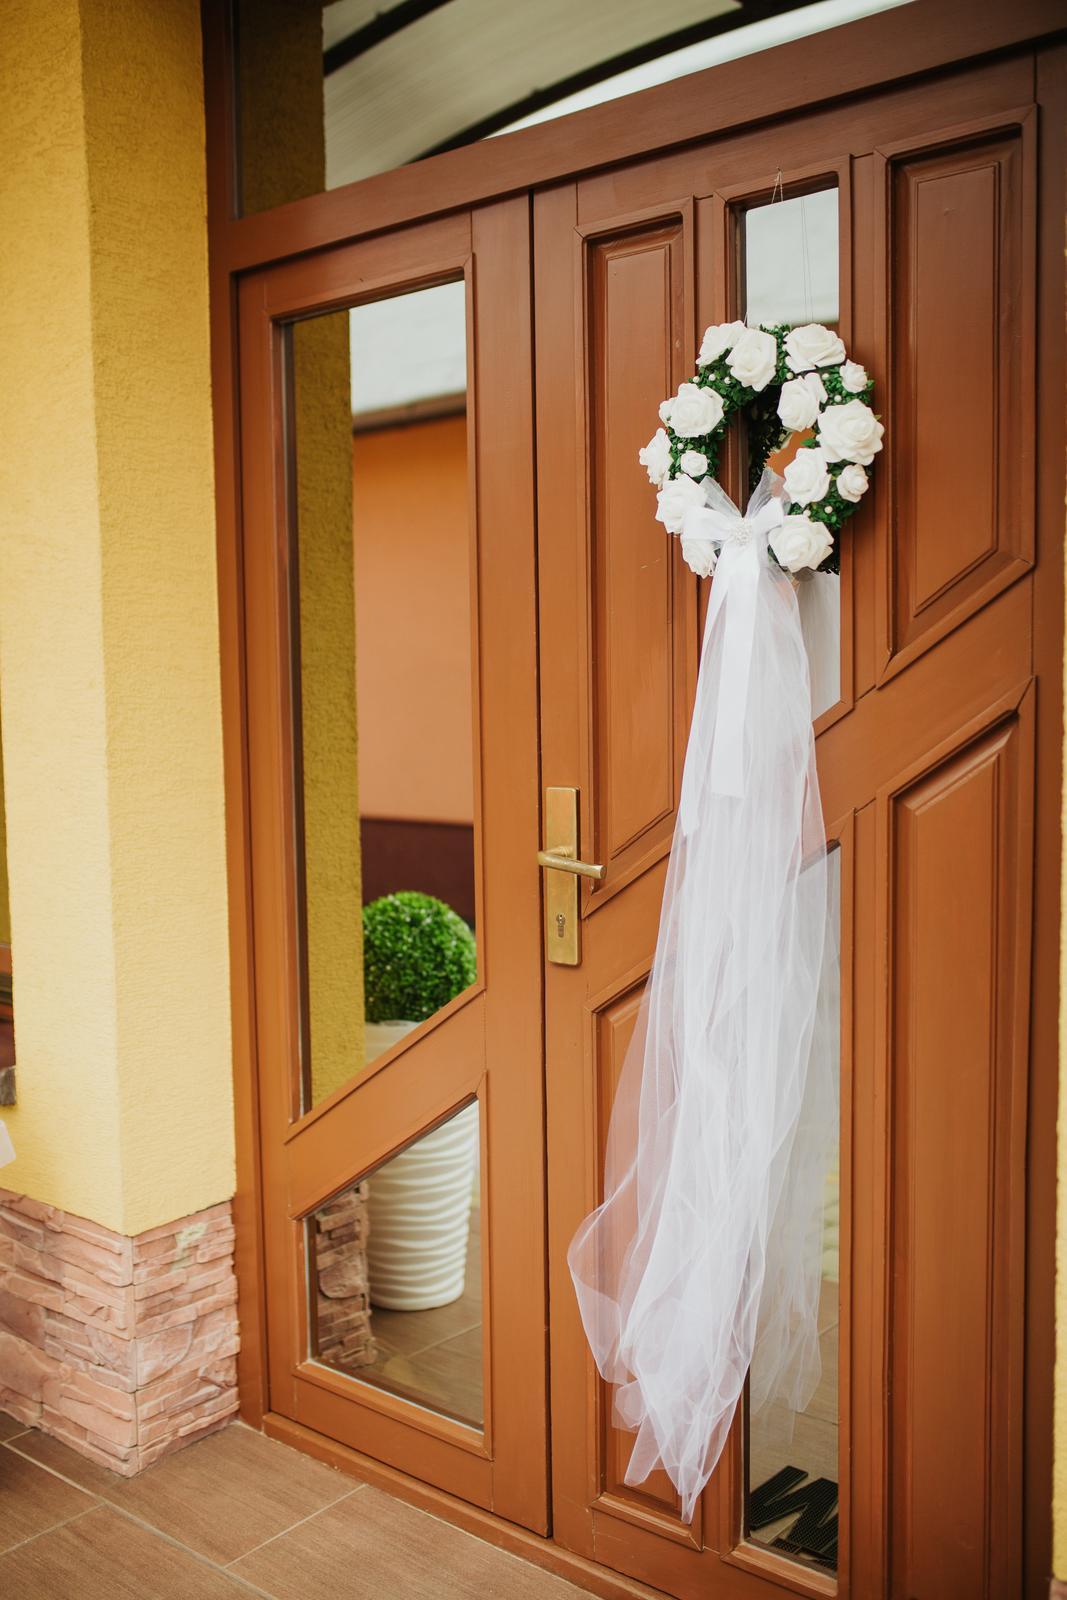 Naša výzdoba - náš najkrajší deň :-) - U nevesty na dverách domu :-)